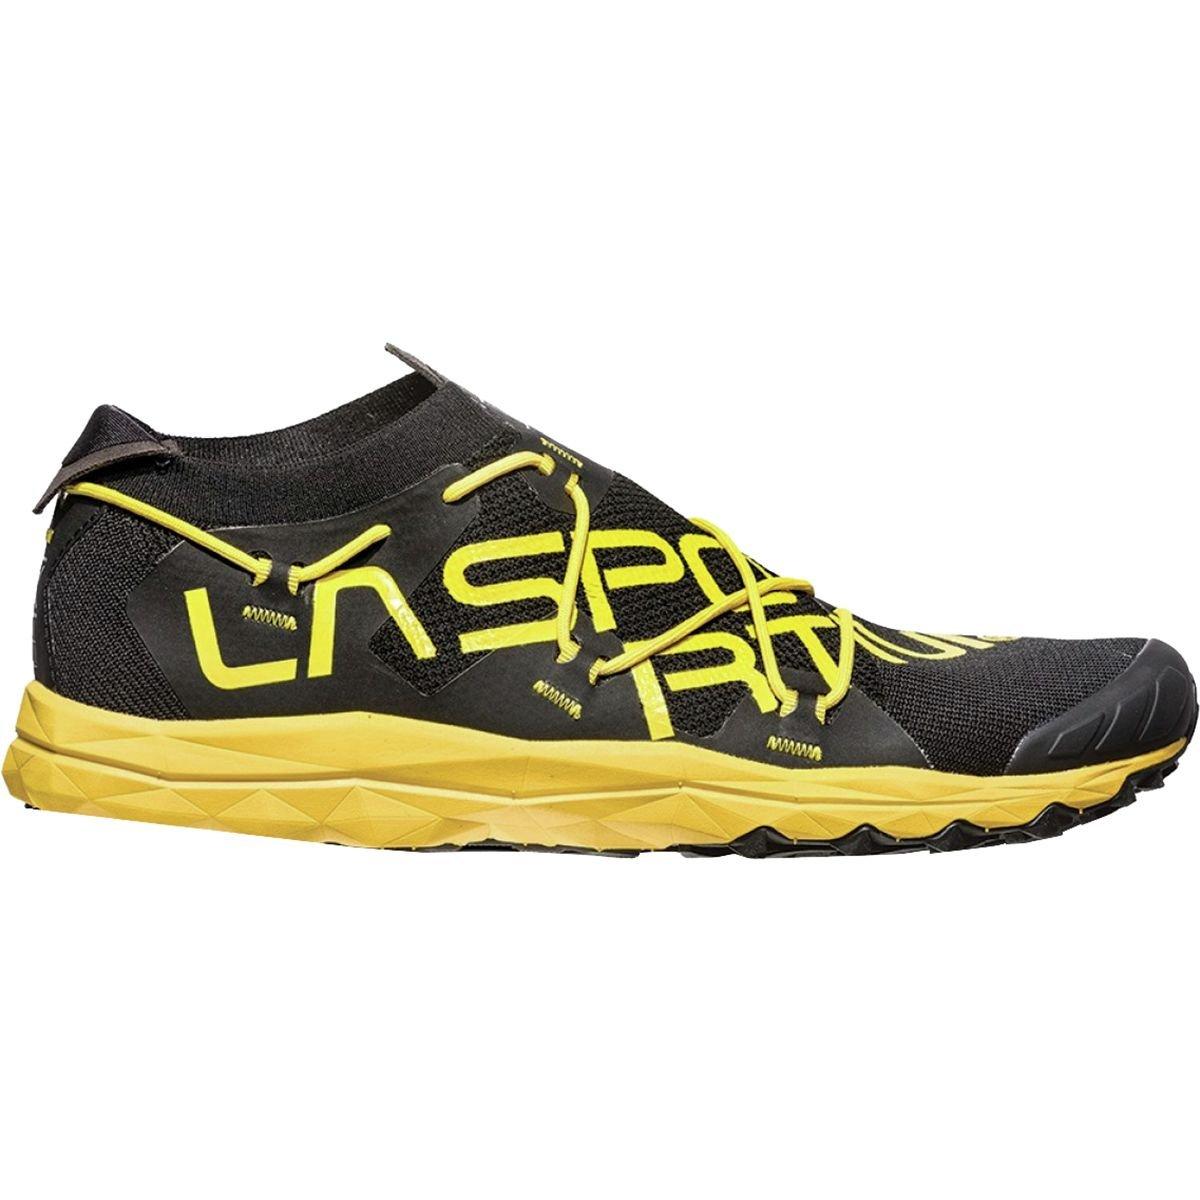 最高の品質の [ラスポルティバ] メンズ メンズ ランニング Trail VK Trail Running Shoe [並行輸入品] B07G3Y845C [並行輸入品] 42.5, ユアハピネス:1938a9f9 --- mswebserv.com